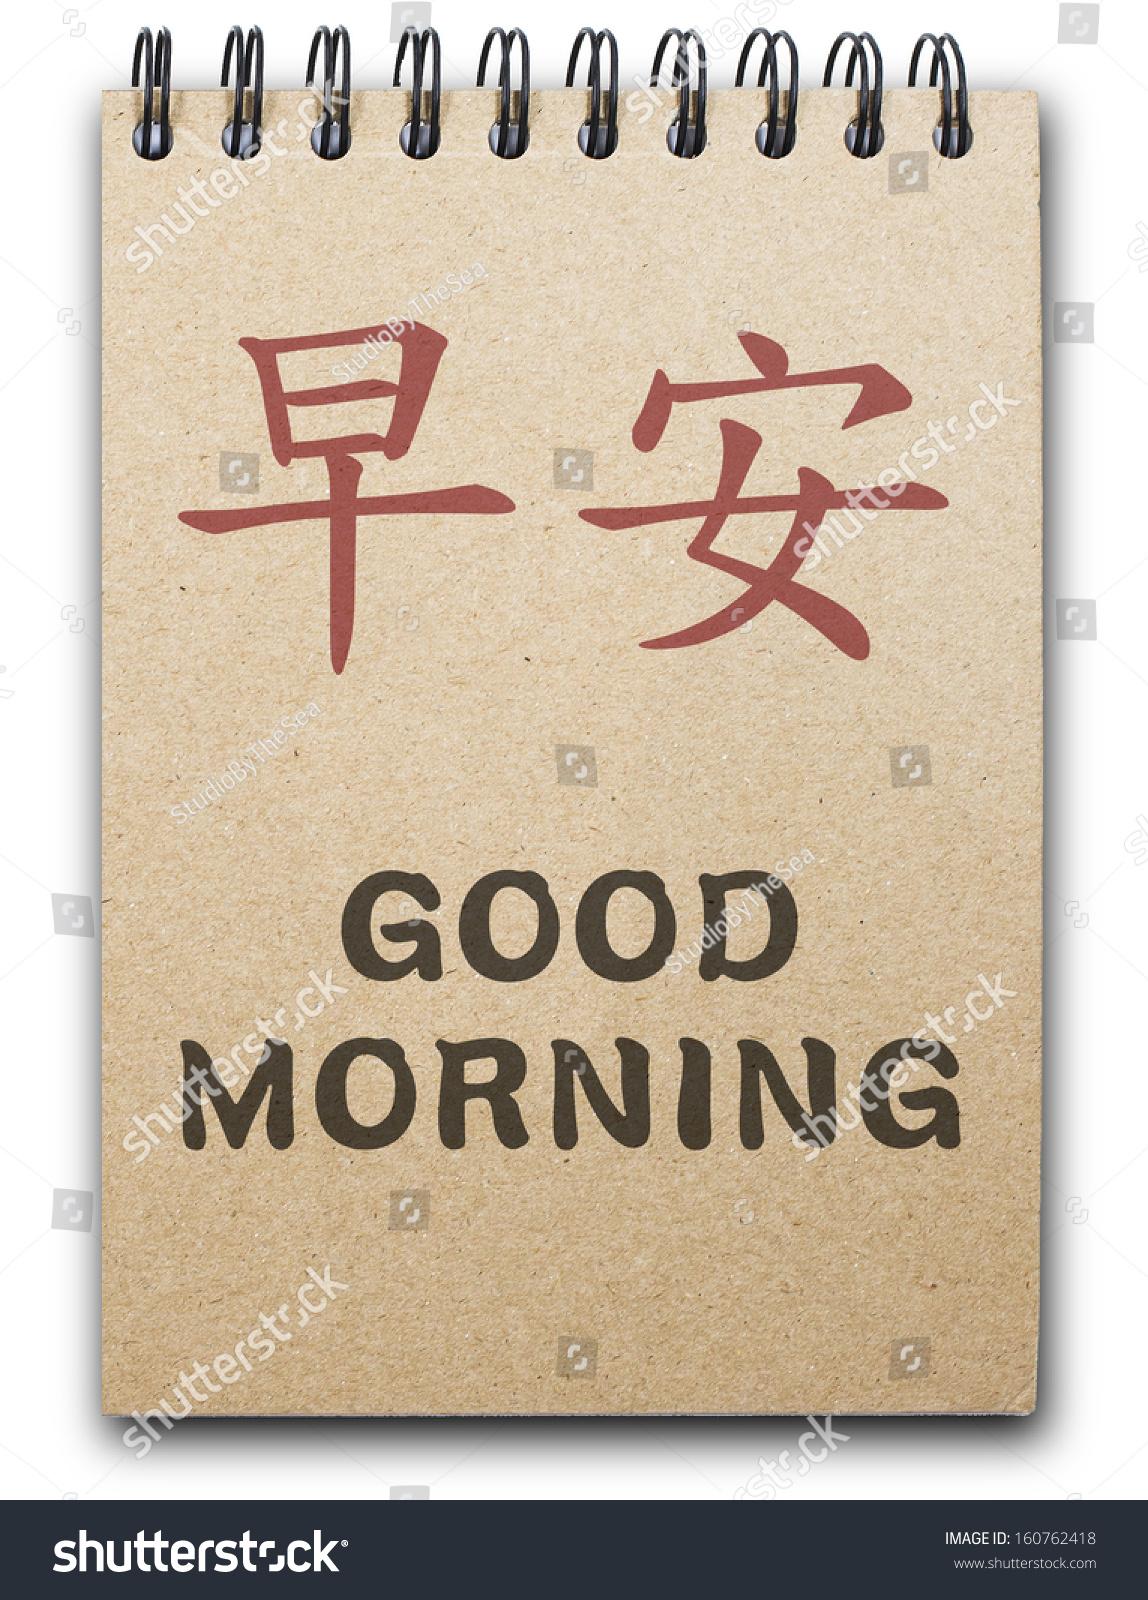 صورة رسائل صباحية رومانسية , مسجات صباح الحب